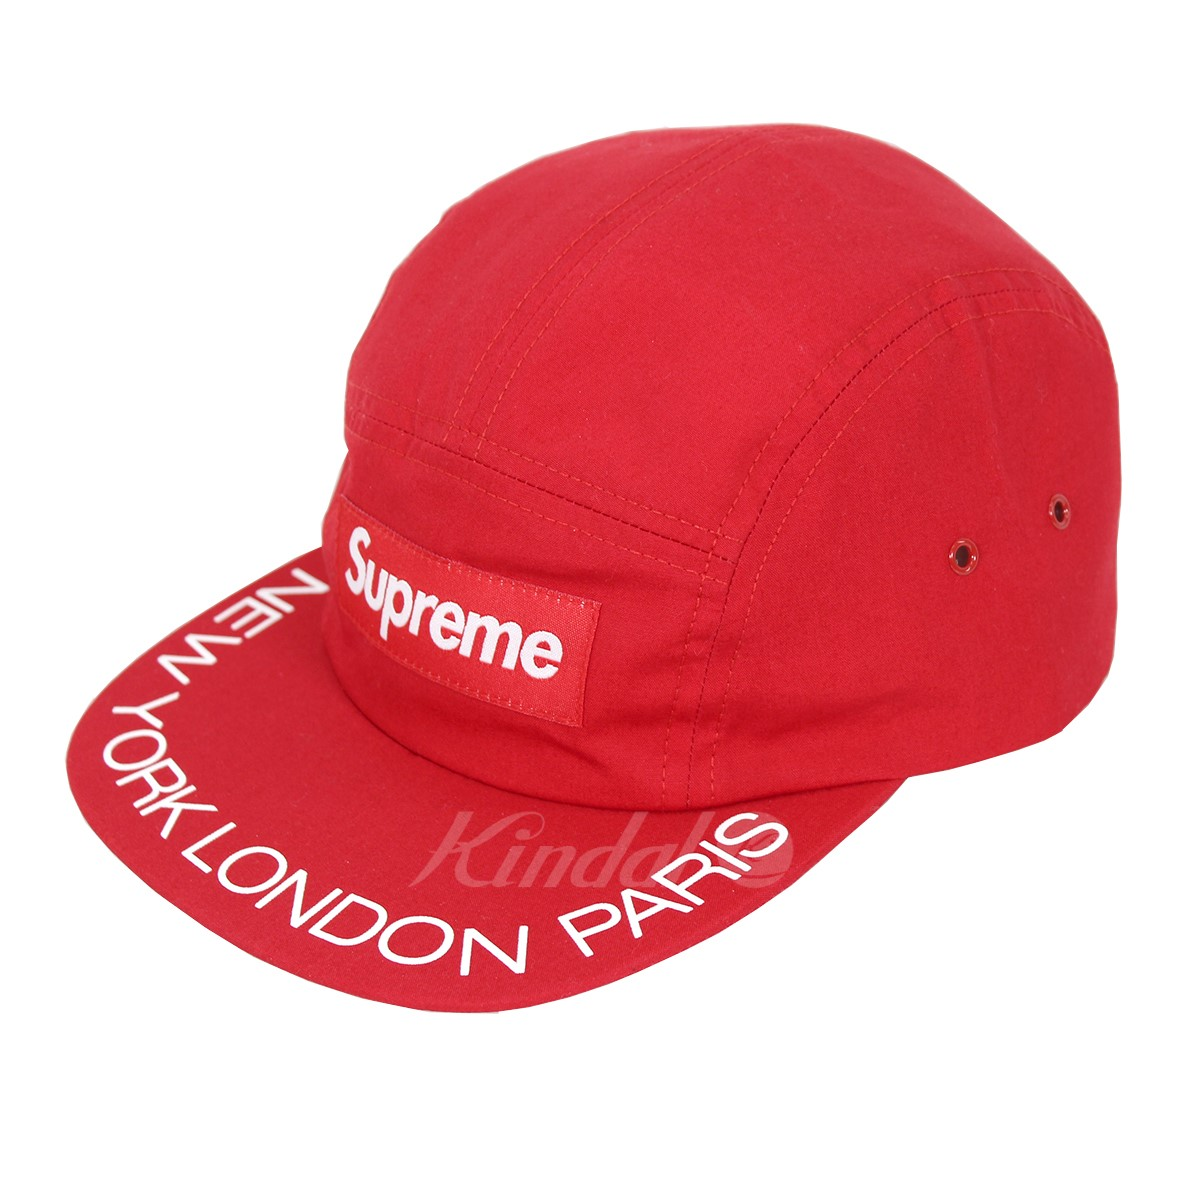 【中古】SUPREME 18SS Visor Print Camp Cap ボックスロゴキャップ 【送料無料】 【000523】 【KJ1645】